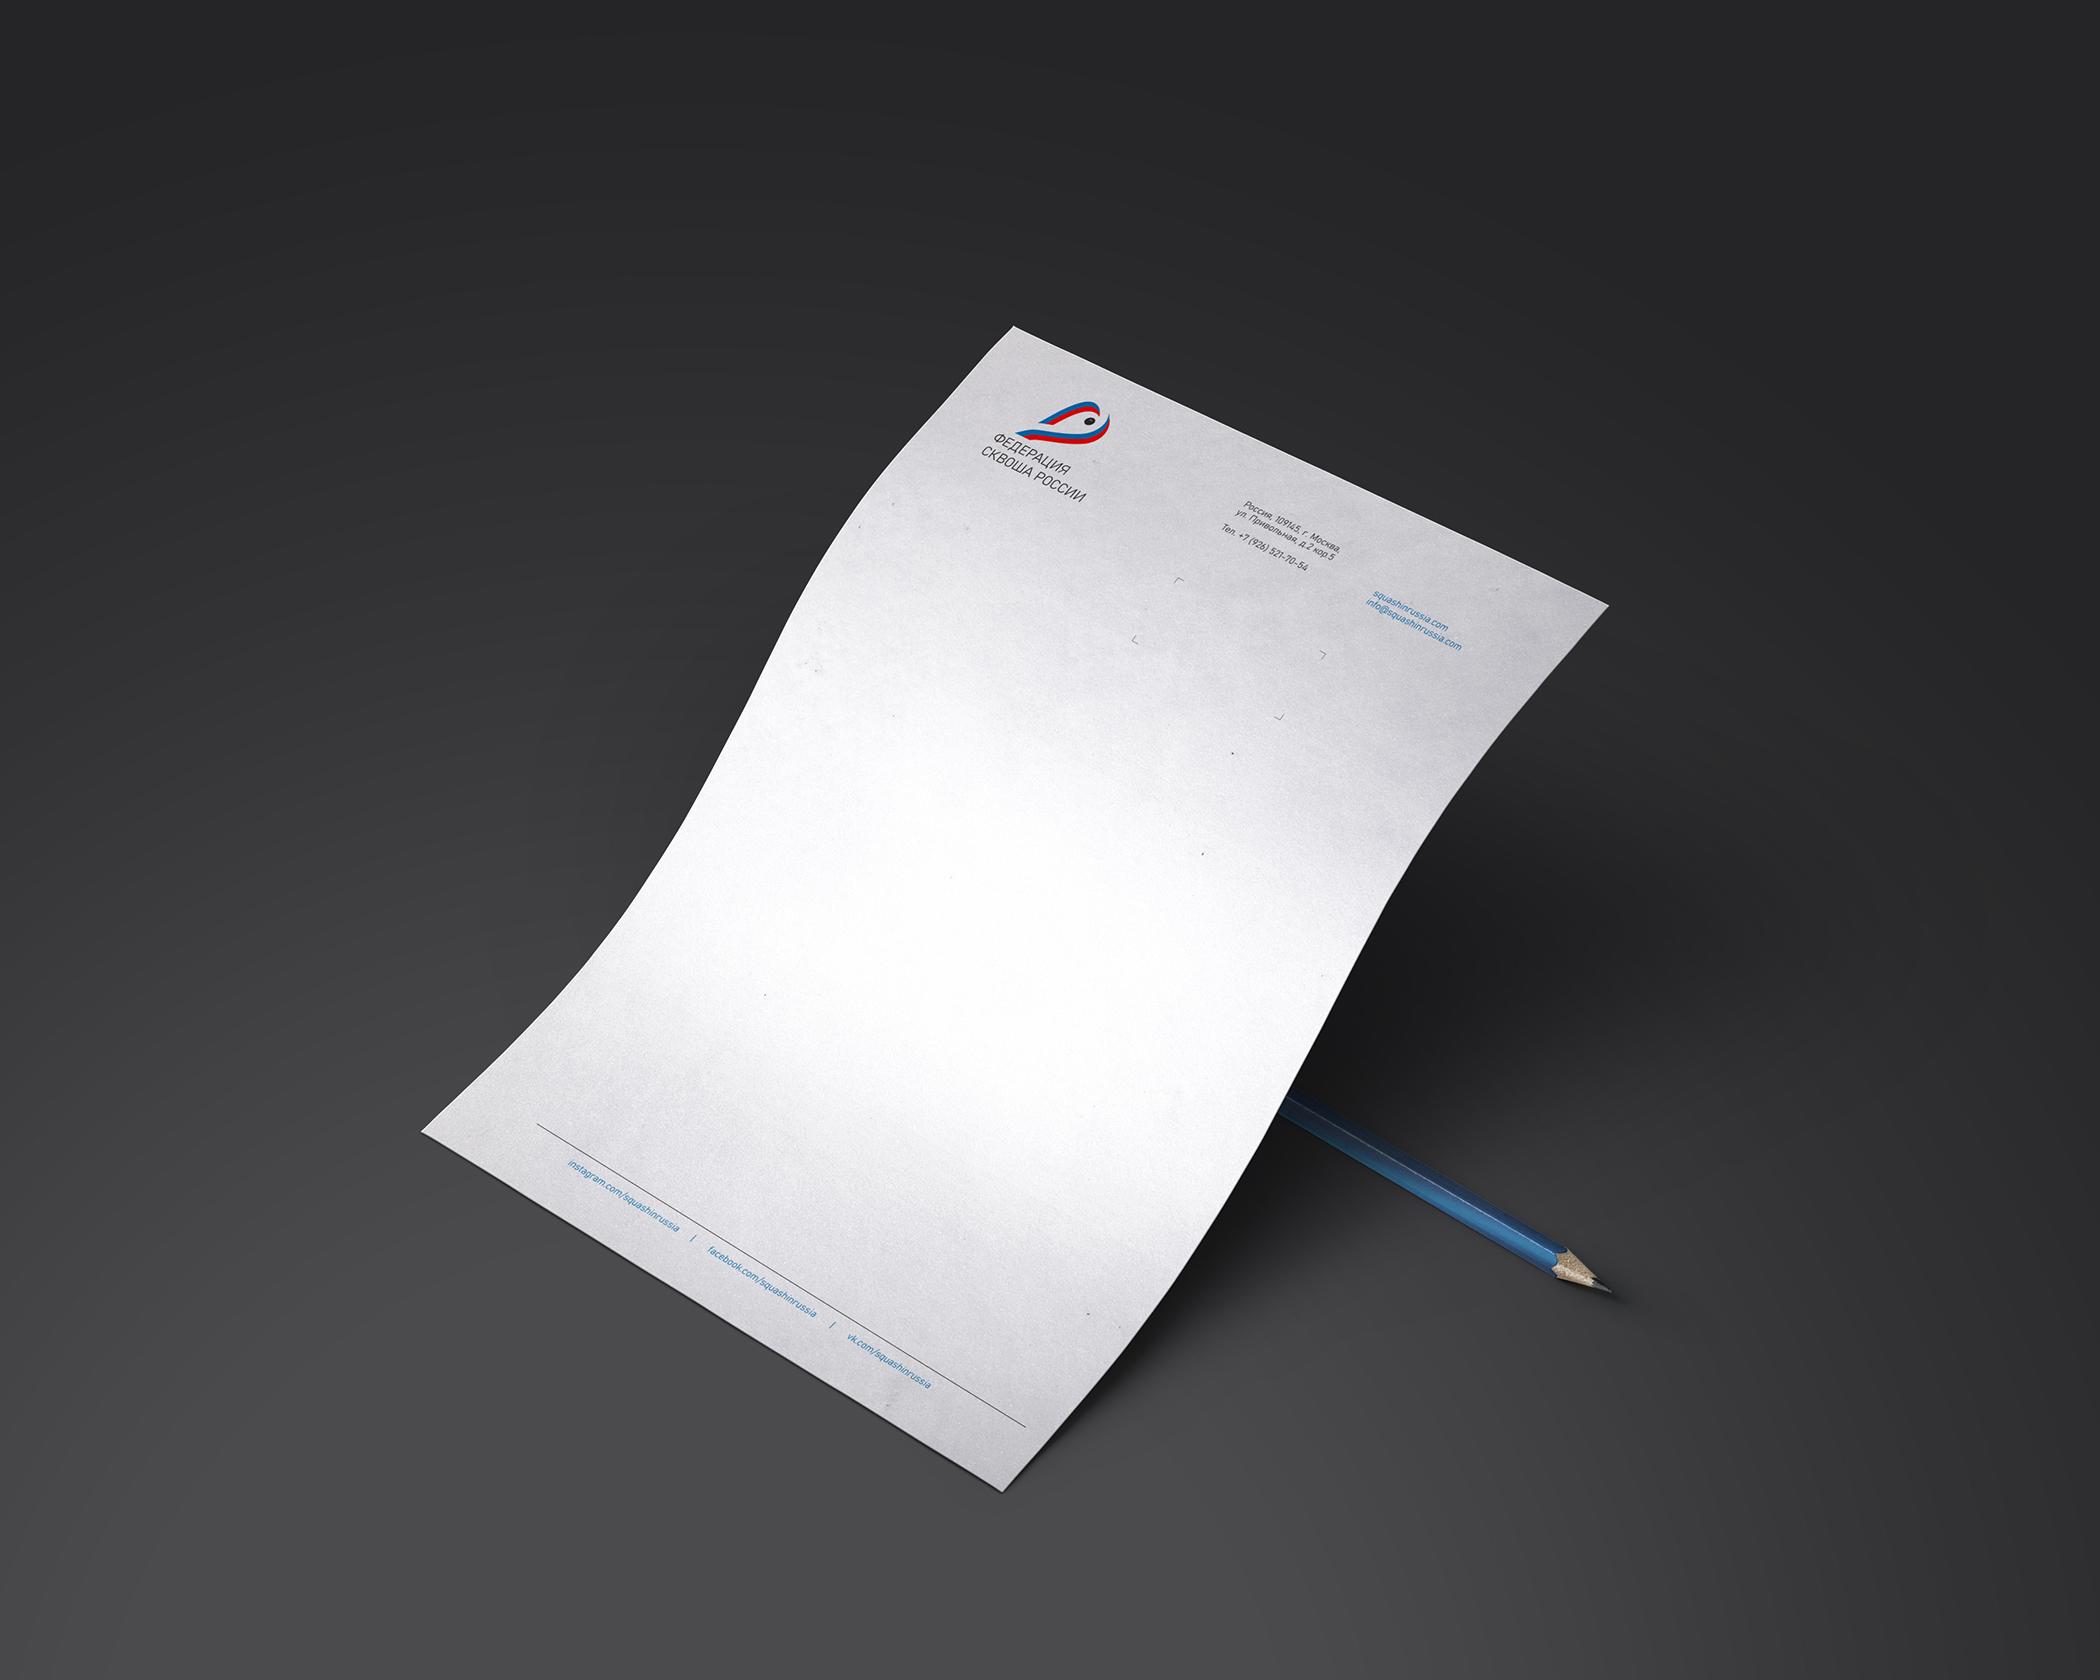 Разработать логотип для Федерации сквоша России фото f_6795f33bf360d816.jpg